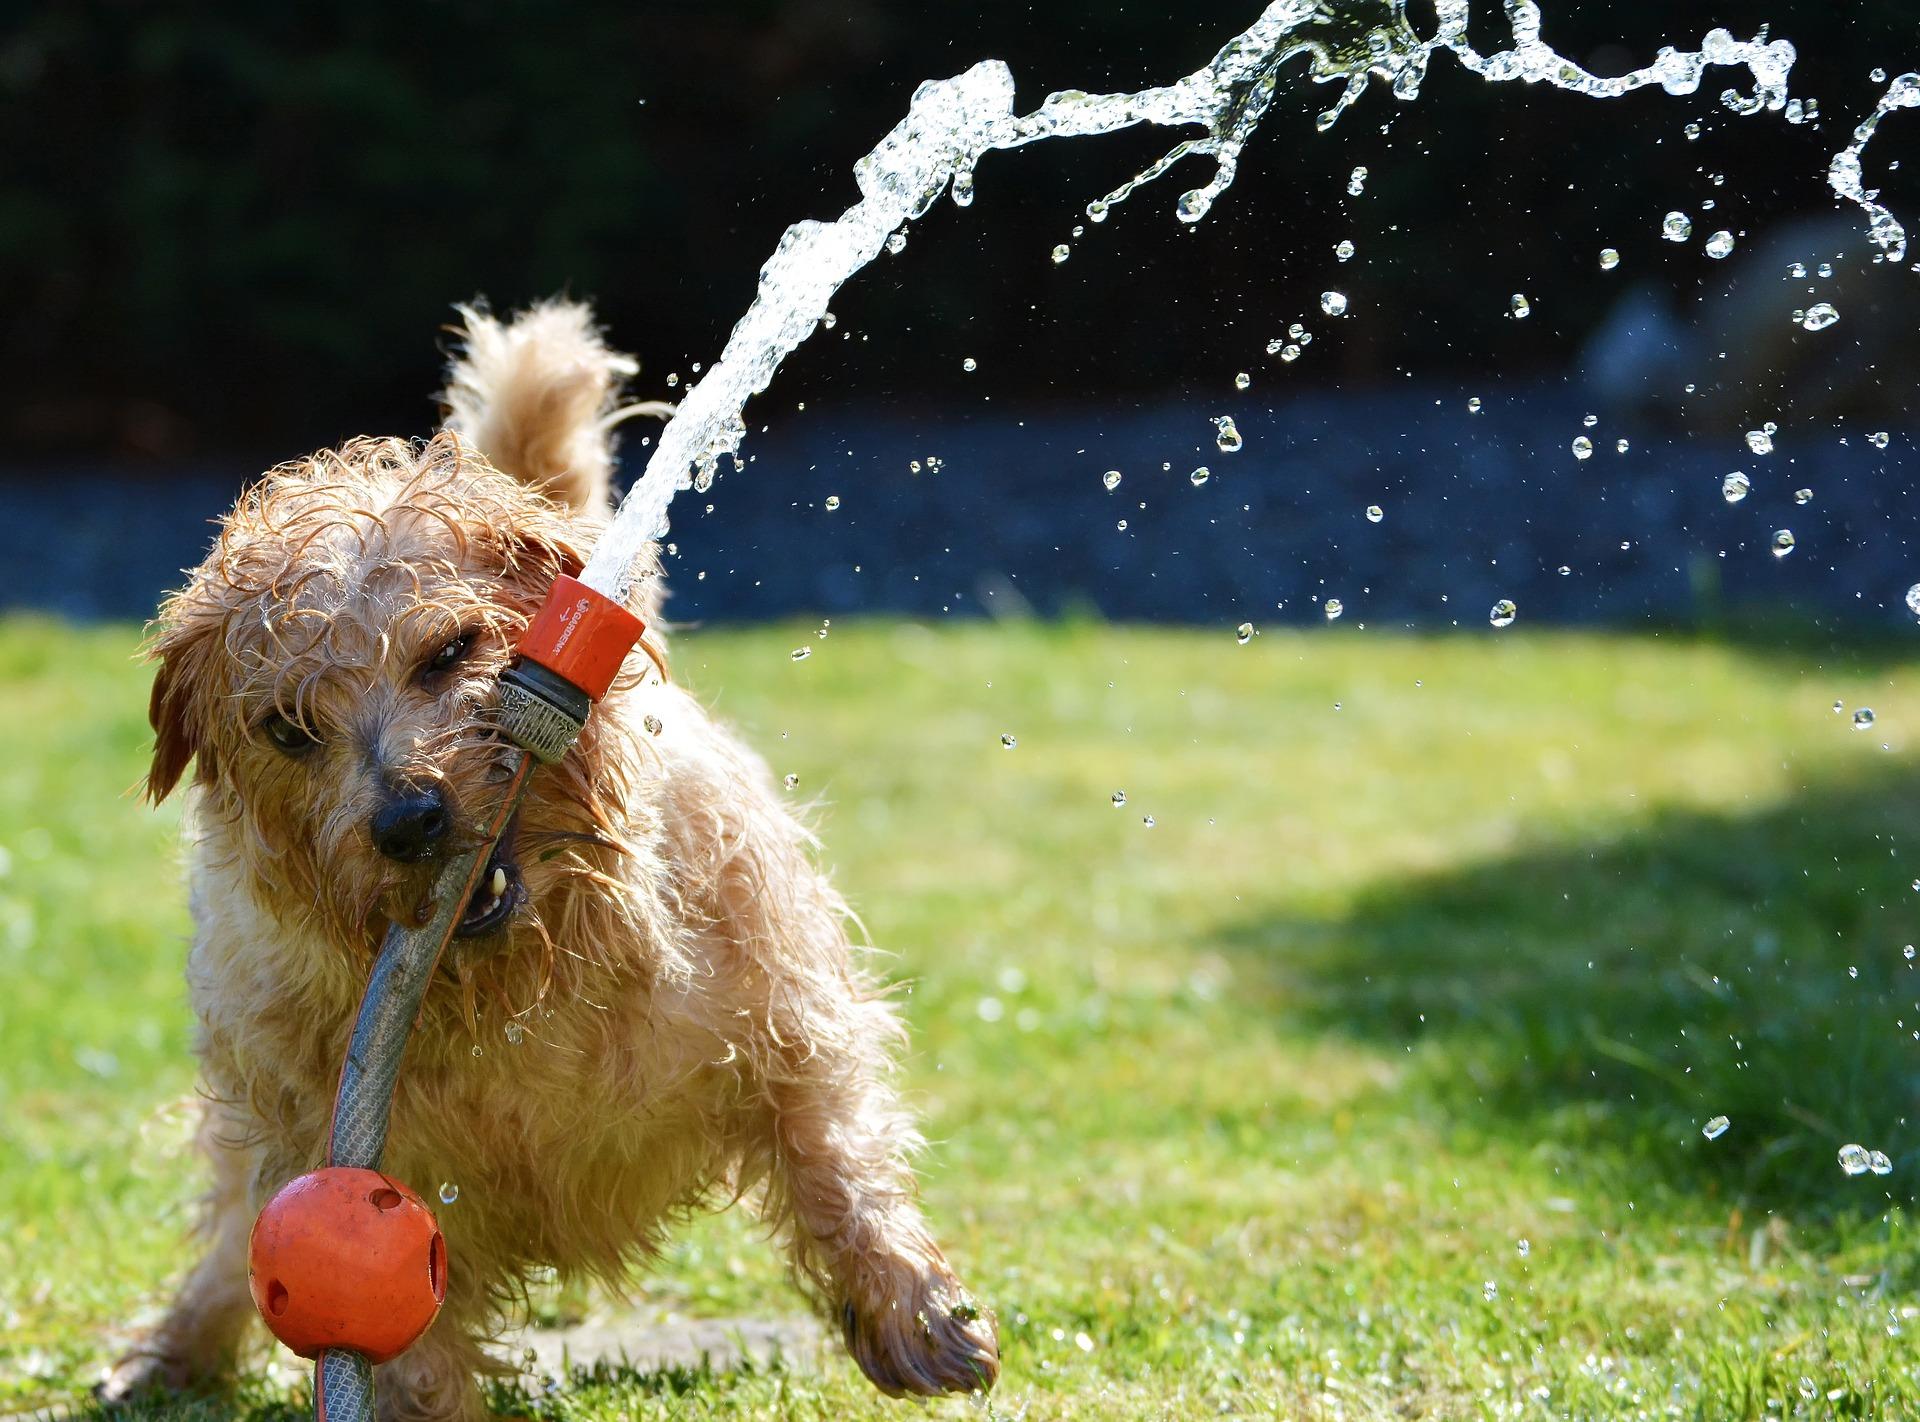 狗, 花园, 小猎犬, 乐趣, 软管 - 高清壁纸 - 教授-falken.com